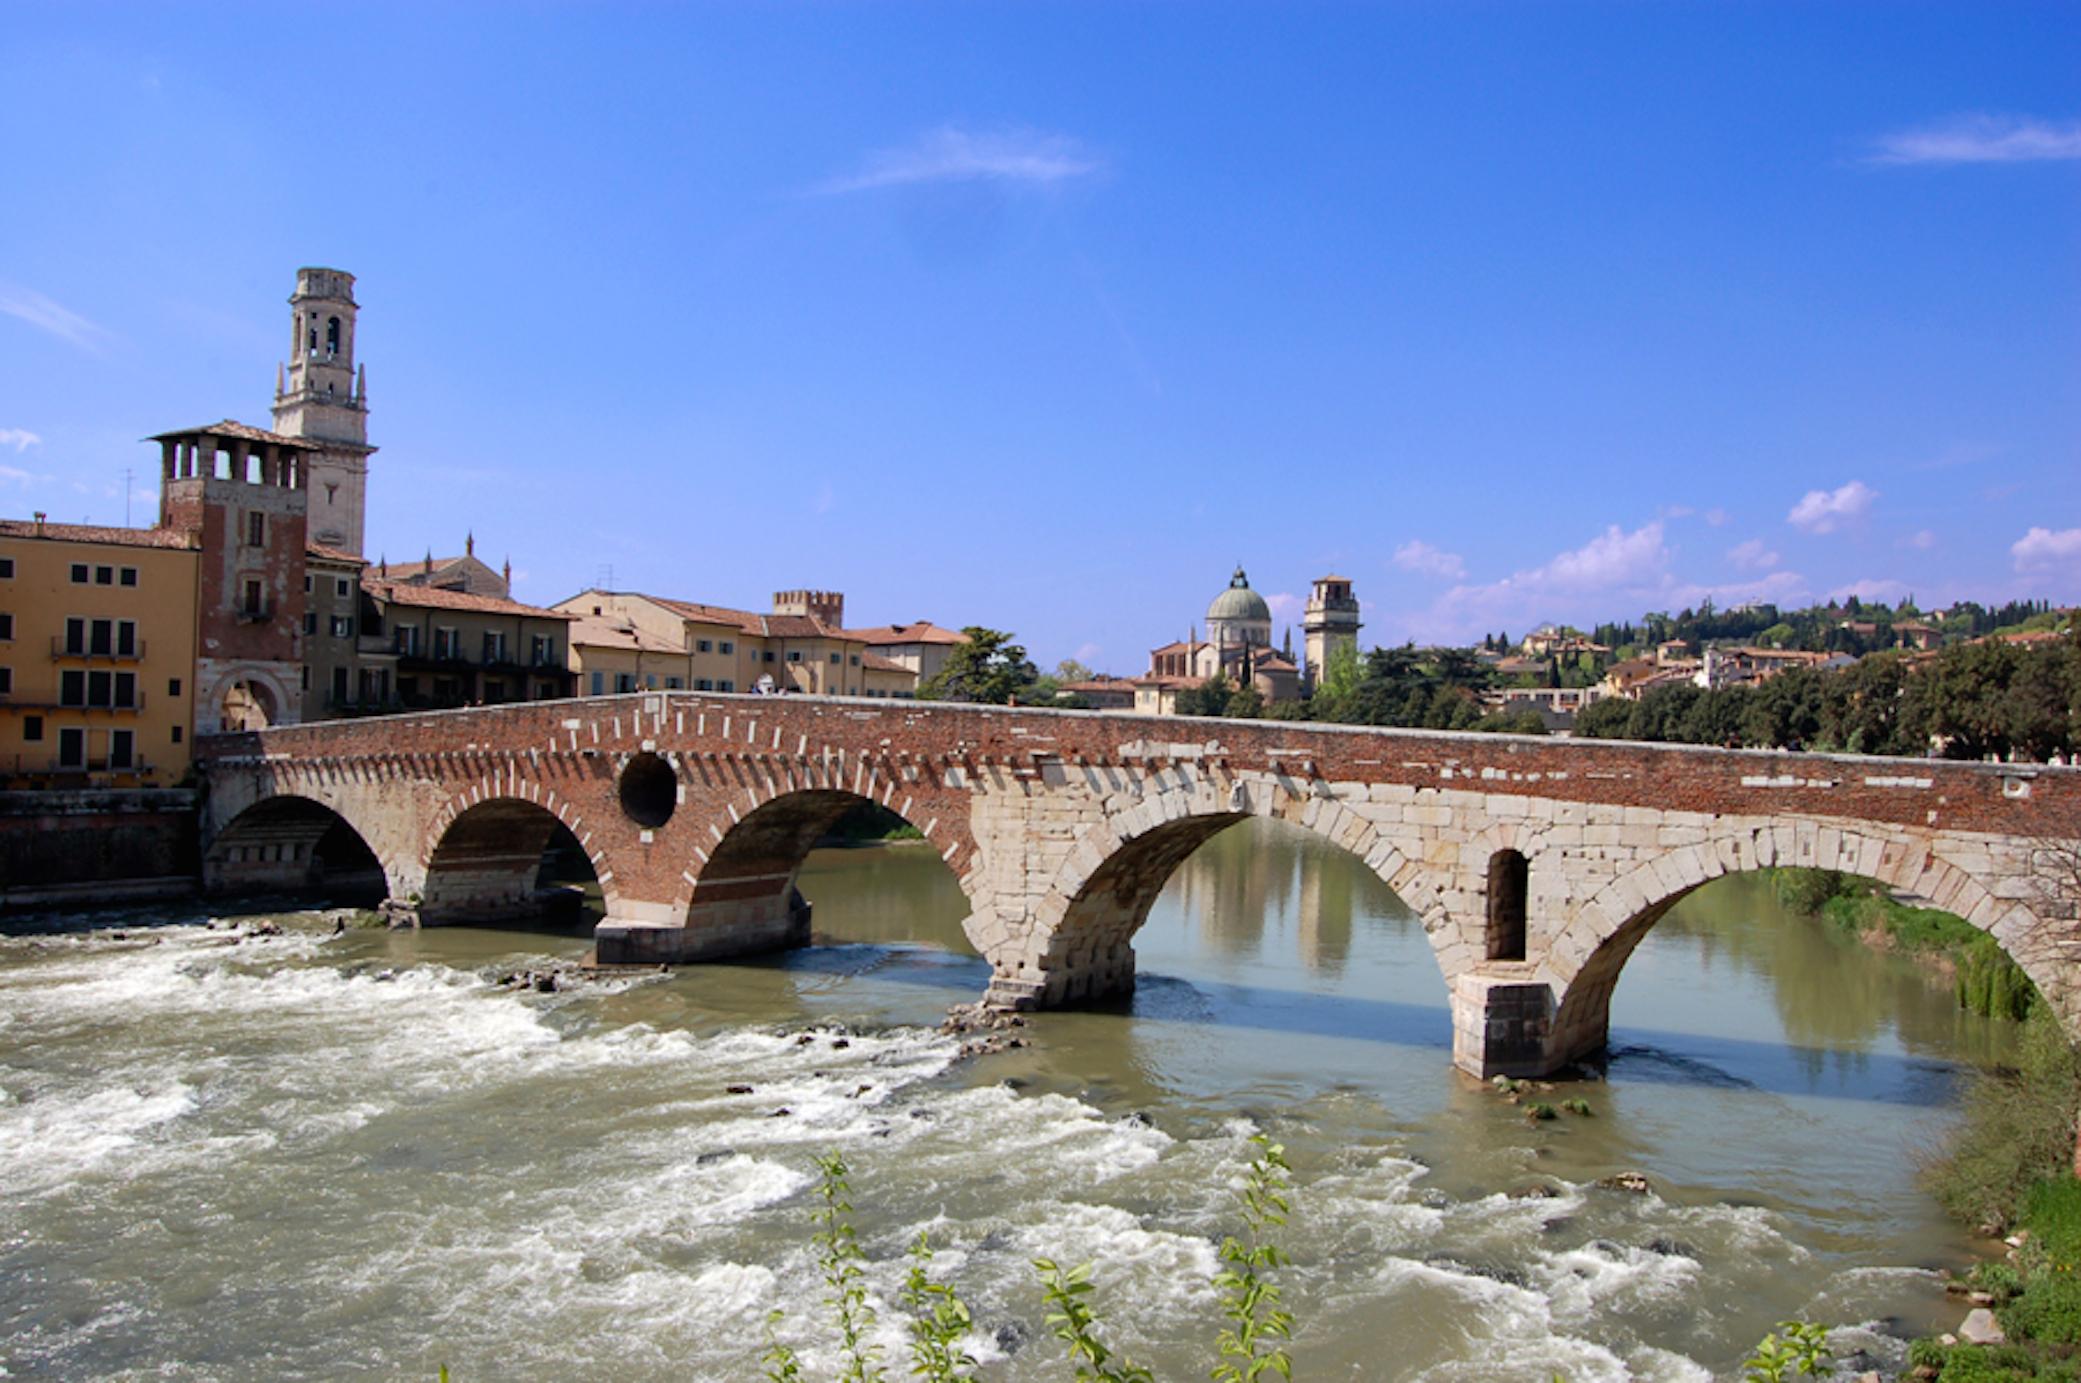 Verona bridge of stones